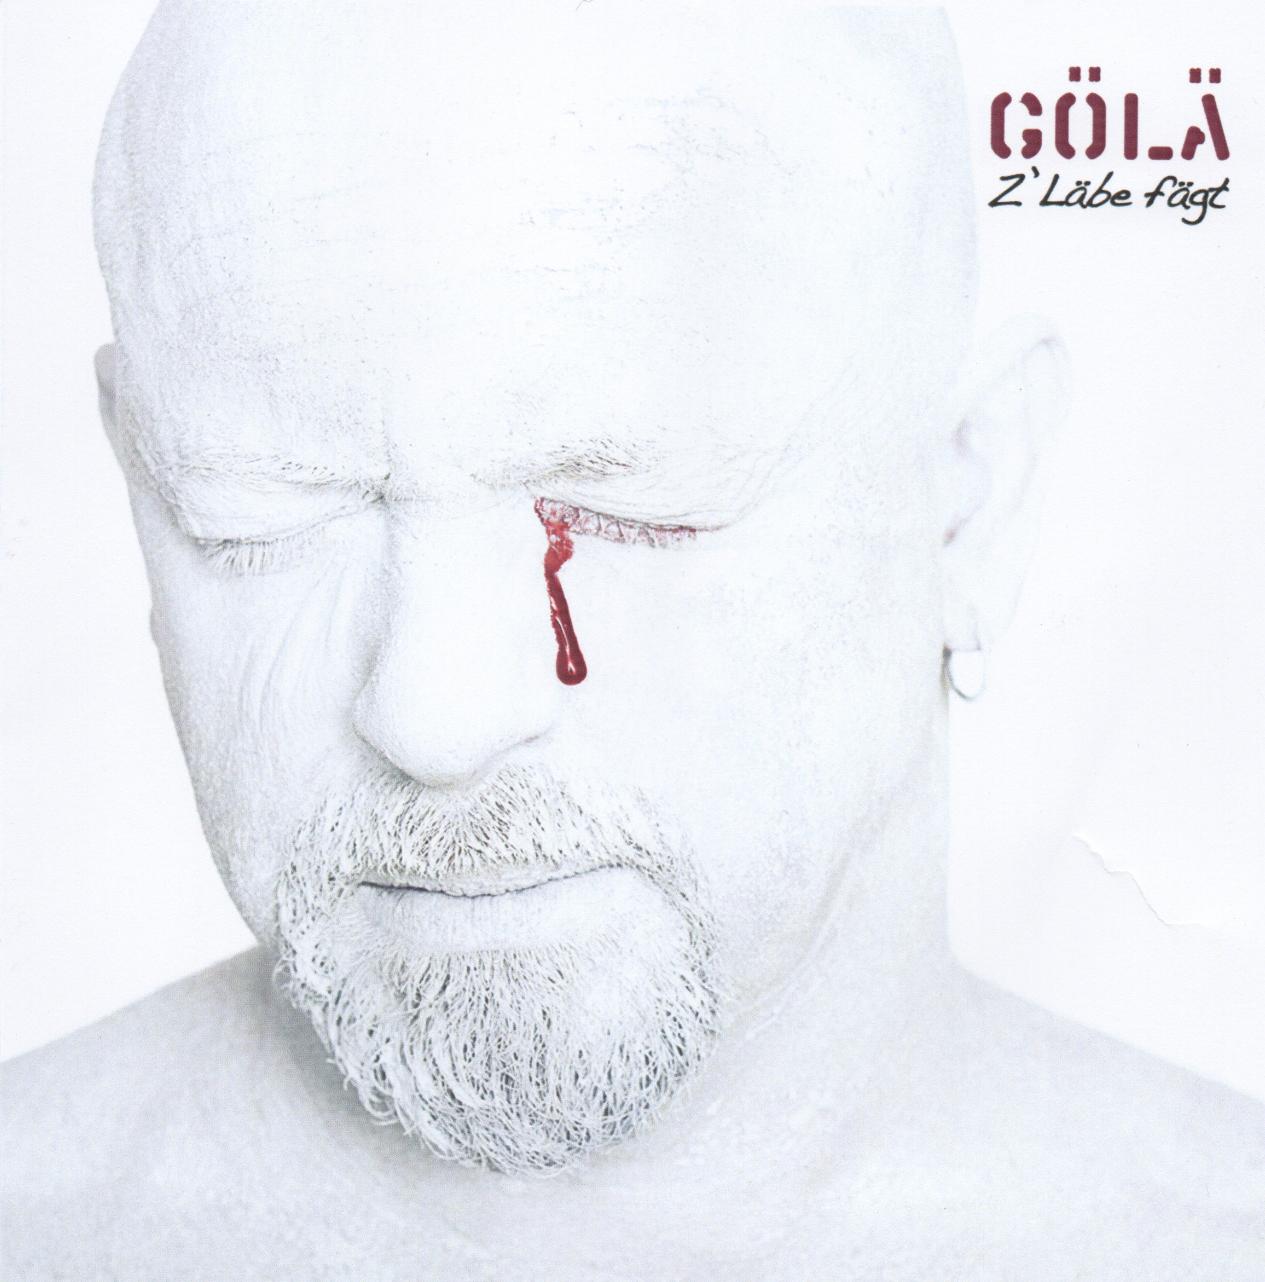 Gölä Z'Läbe fägt / Album